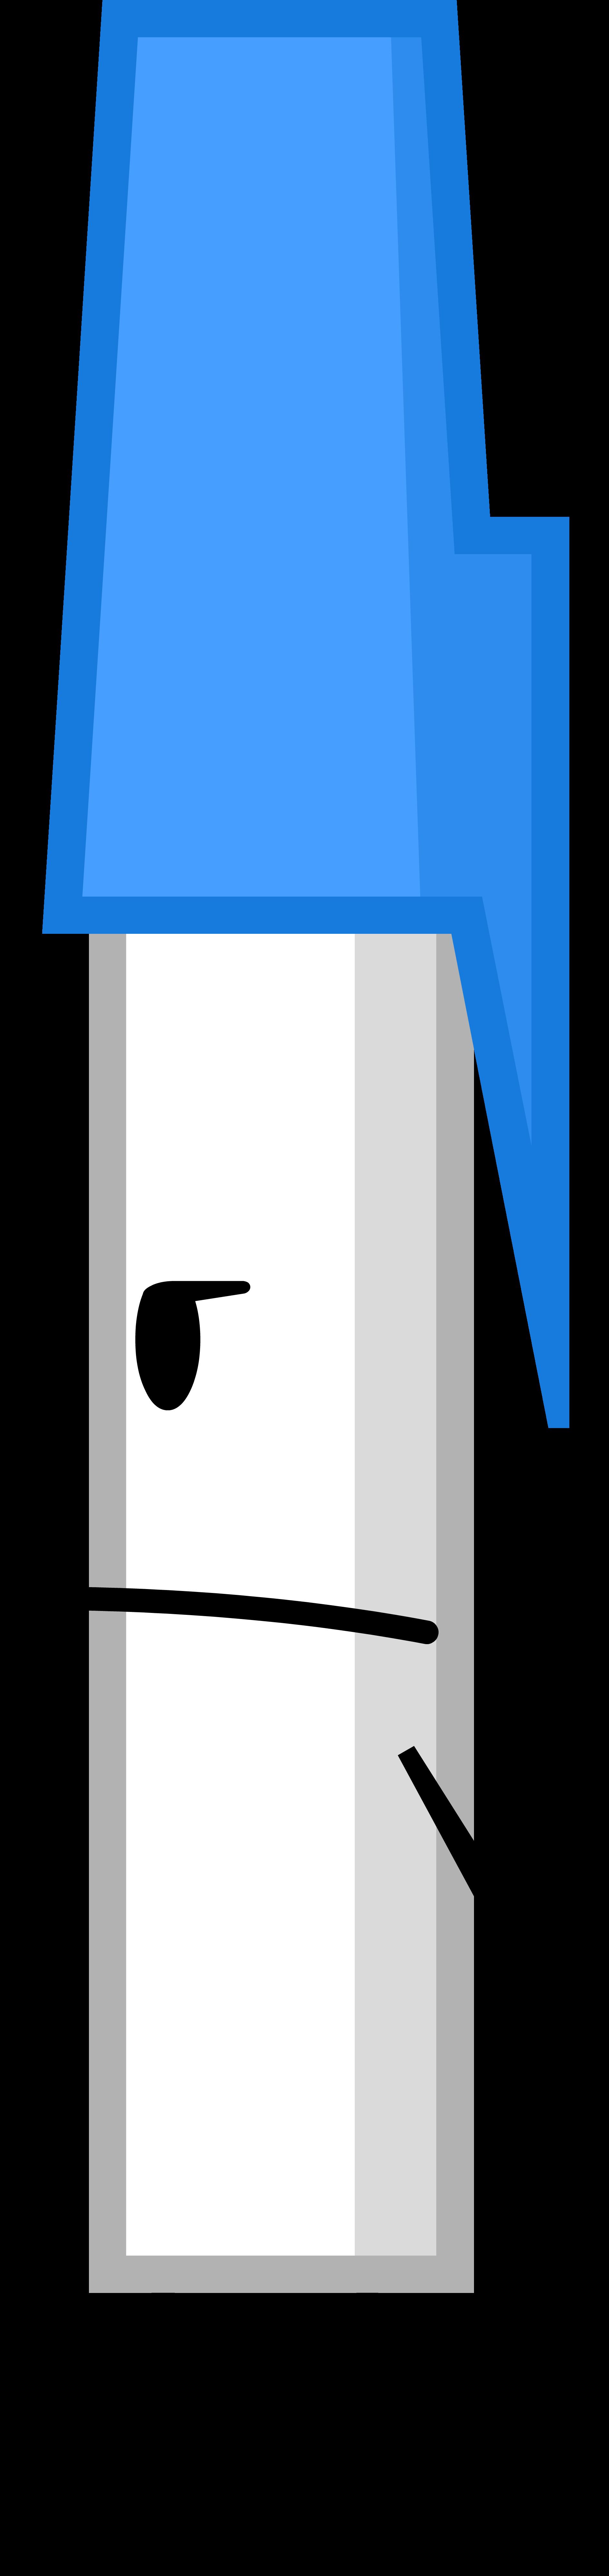 File:Pen 5.png